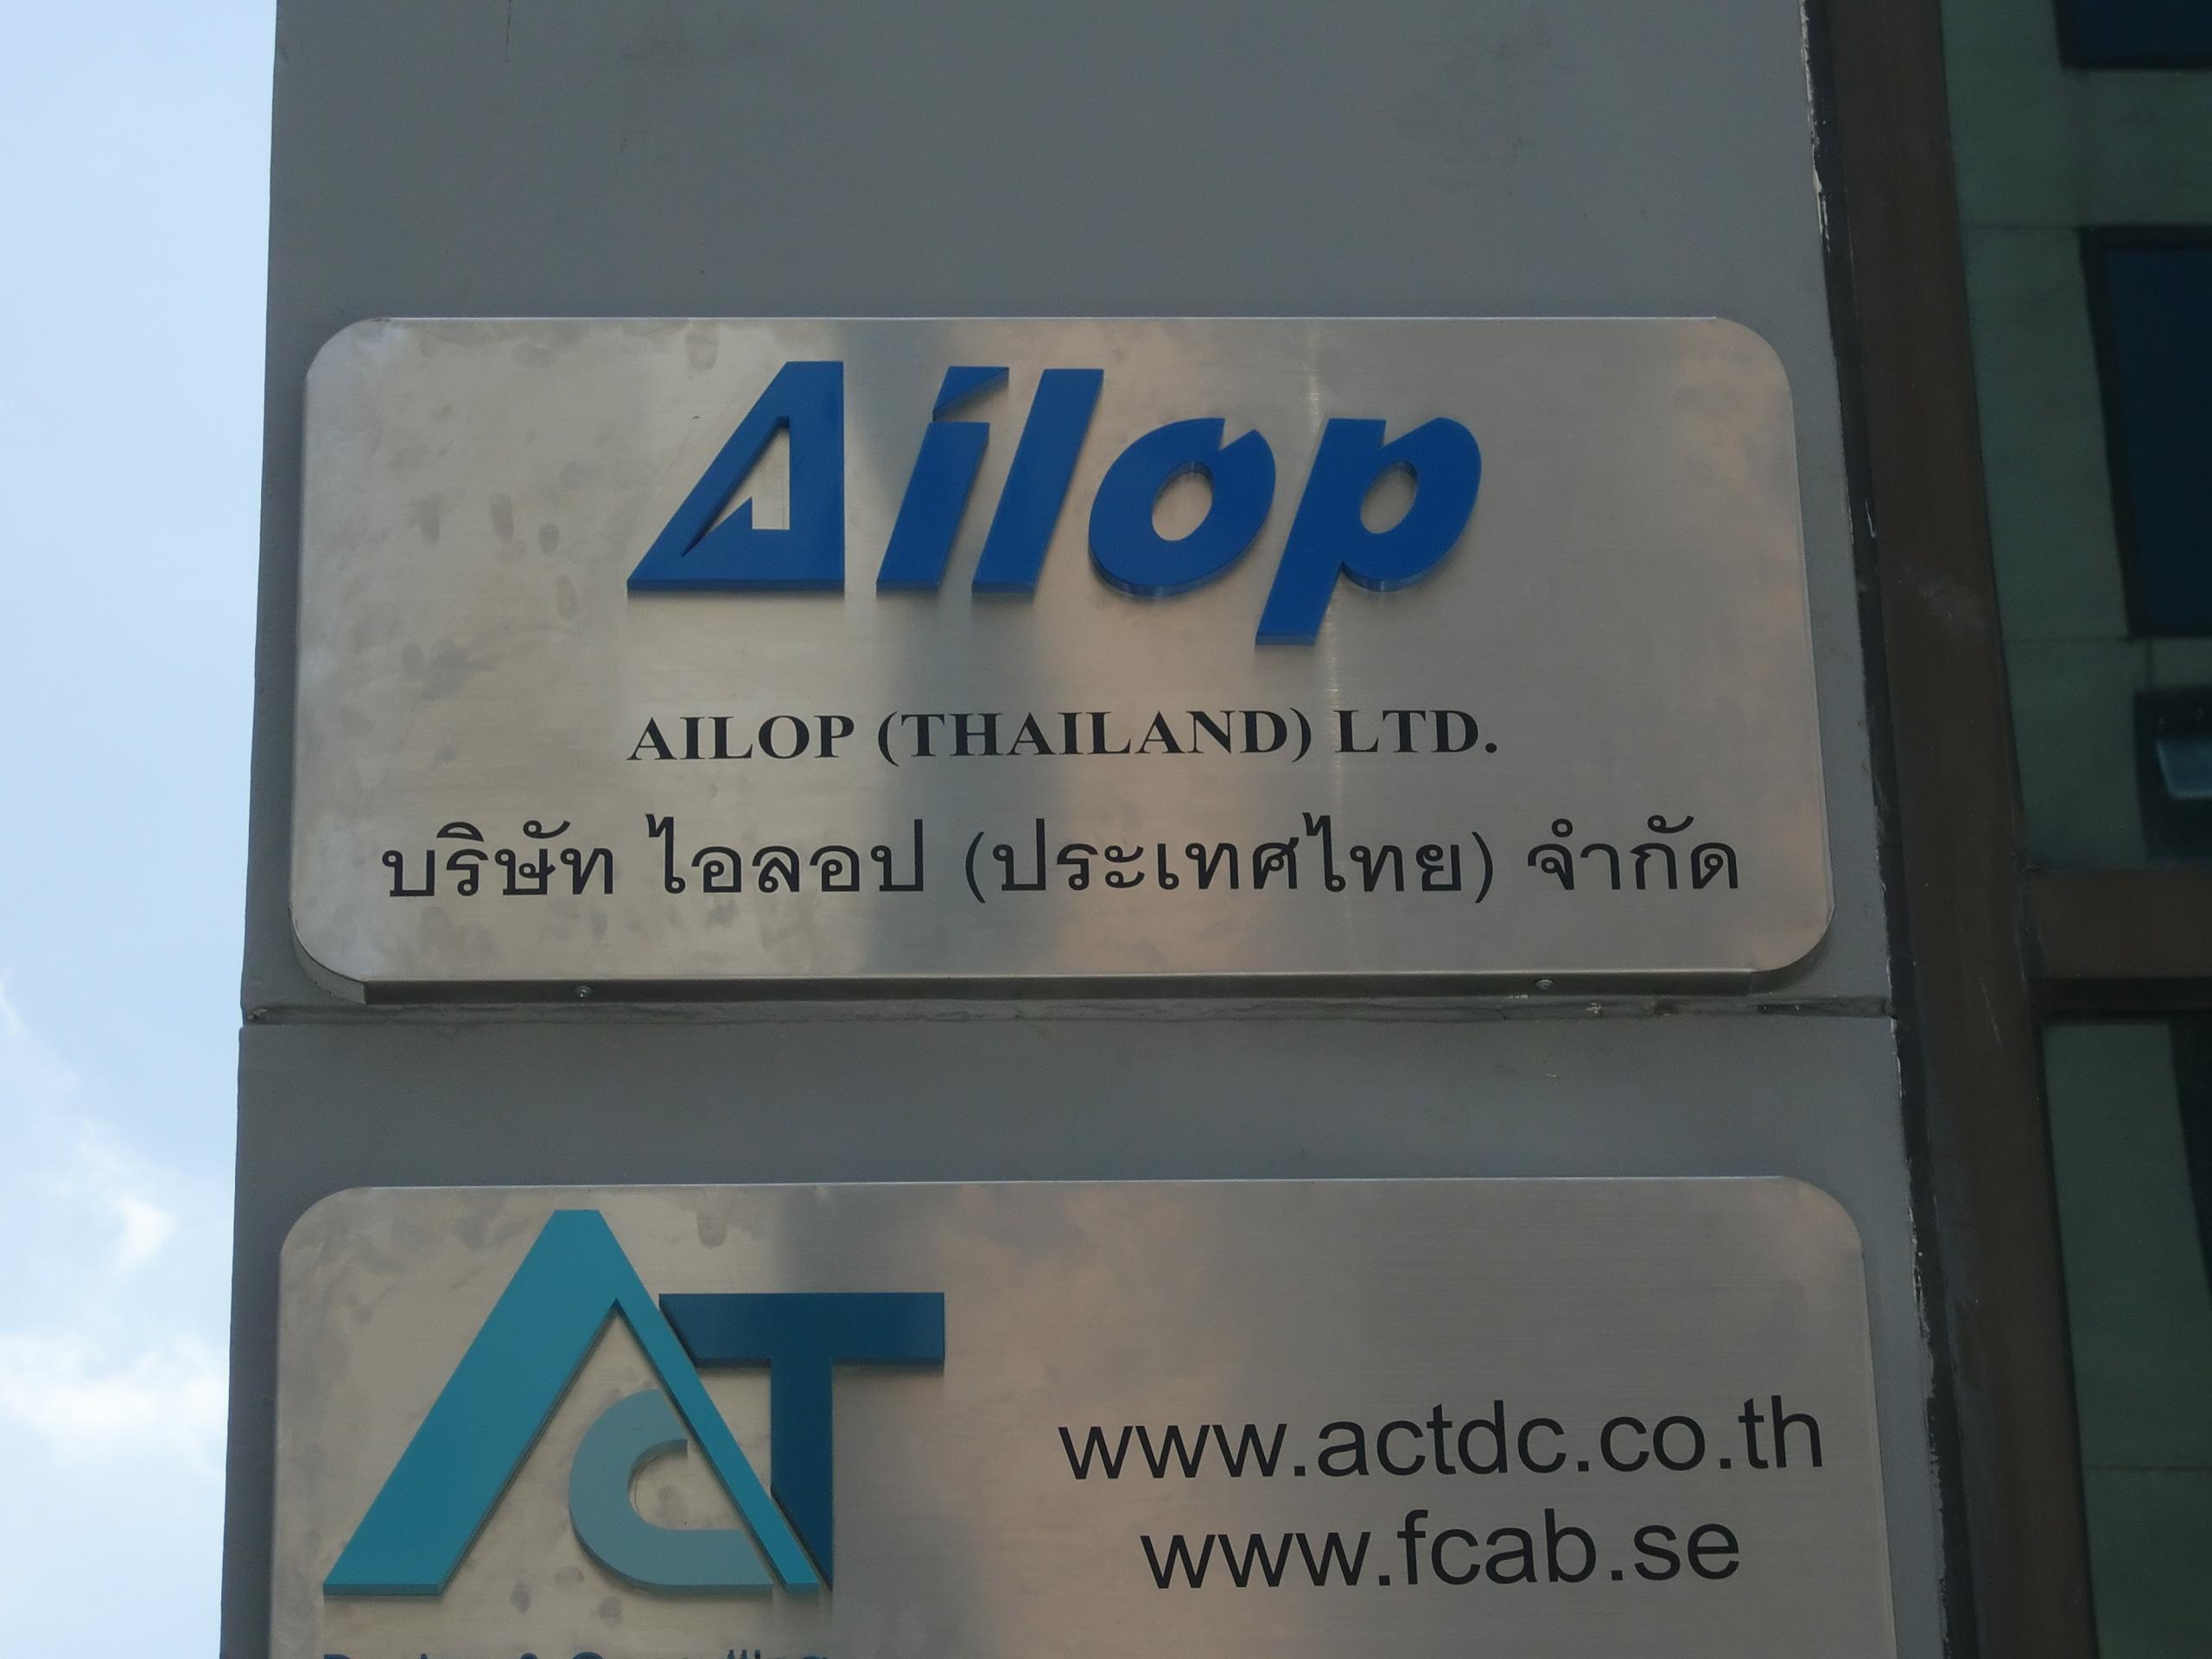 アイロップタイランド設立 アイロップ株式会社